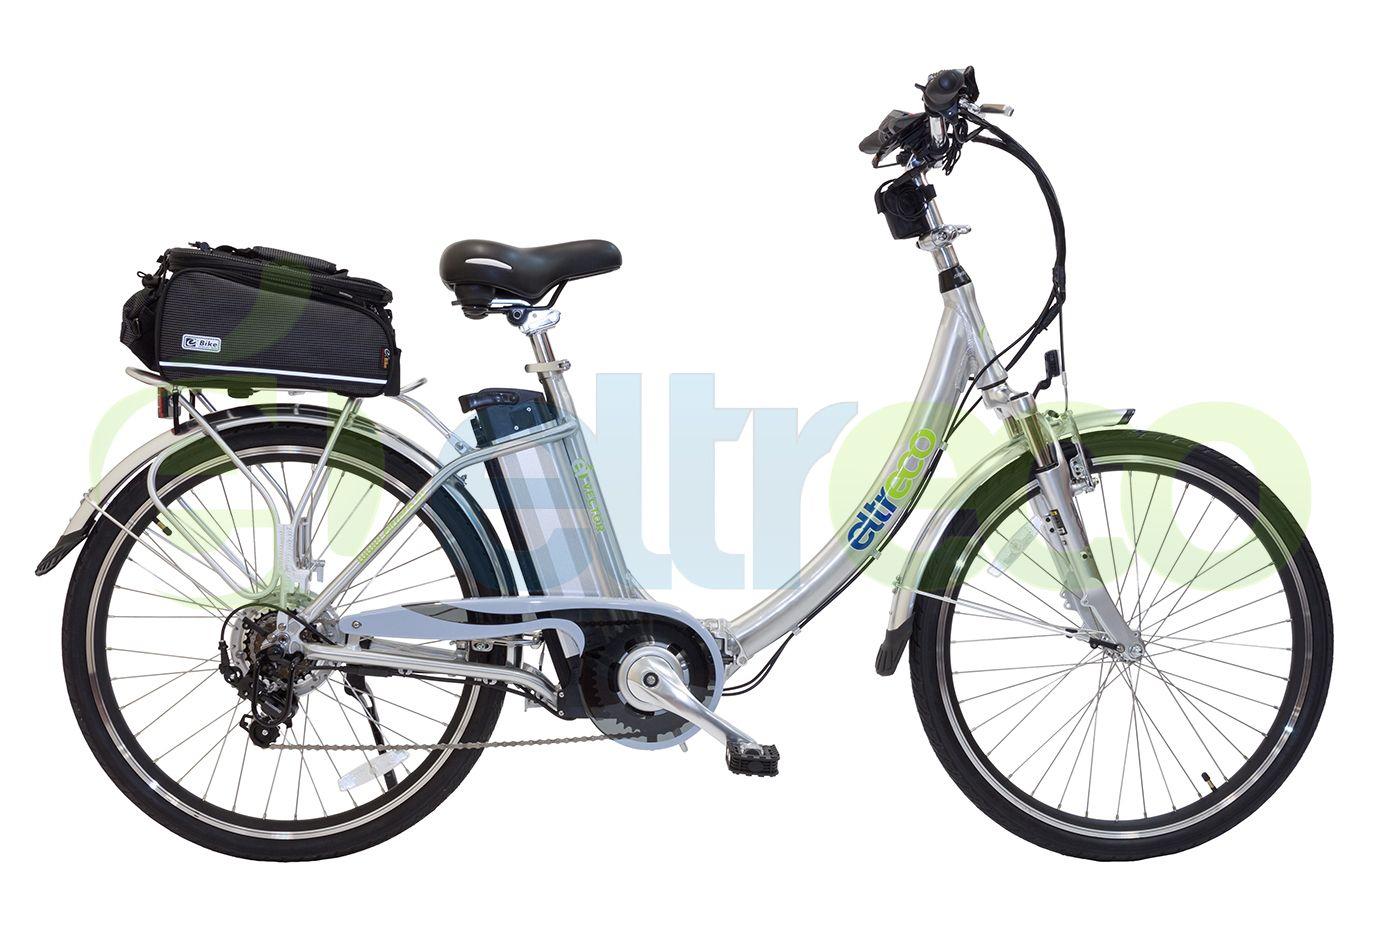 Велосипед Eltreco Vector 350W Lux 2016,  Электро  - артикул:267948